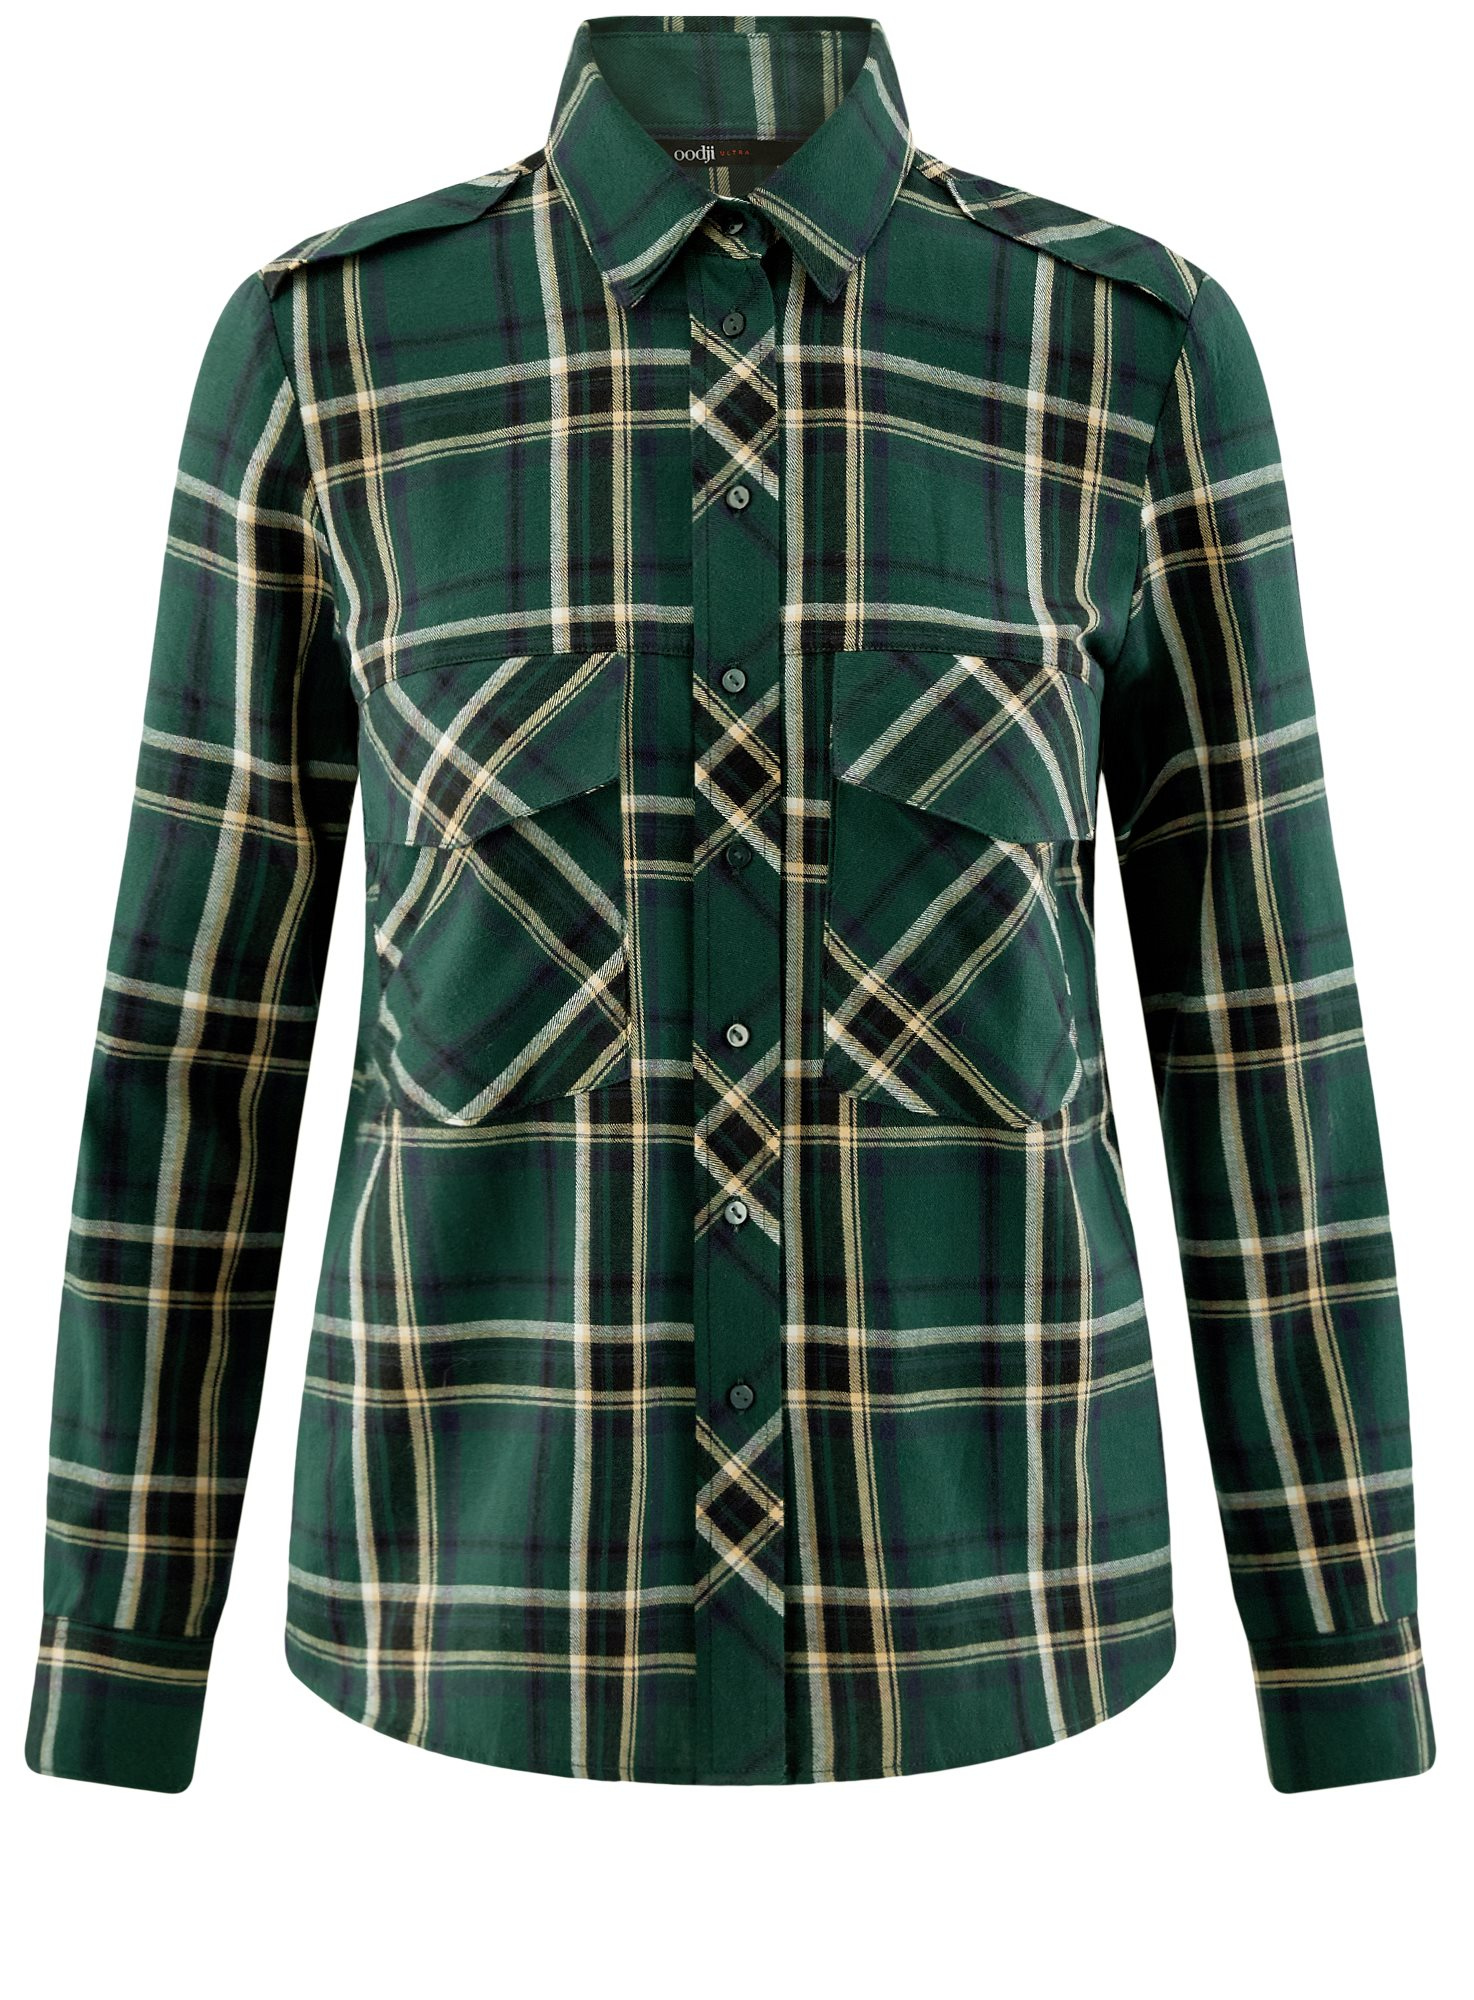 Рубашка в клетку с нагрудными карманами oodji для женщины (зеленый), 11411052-2/45624/6912C